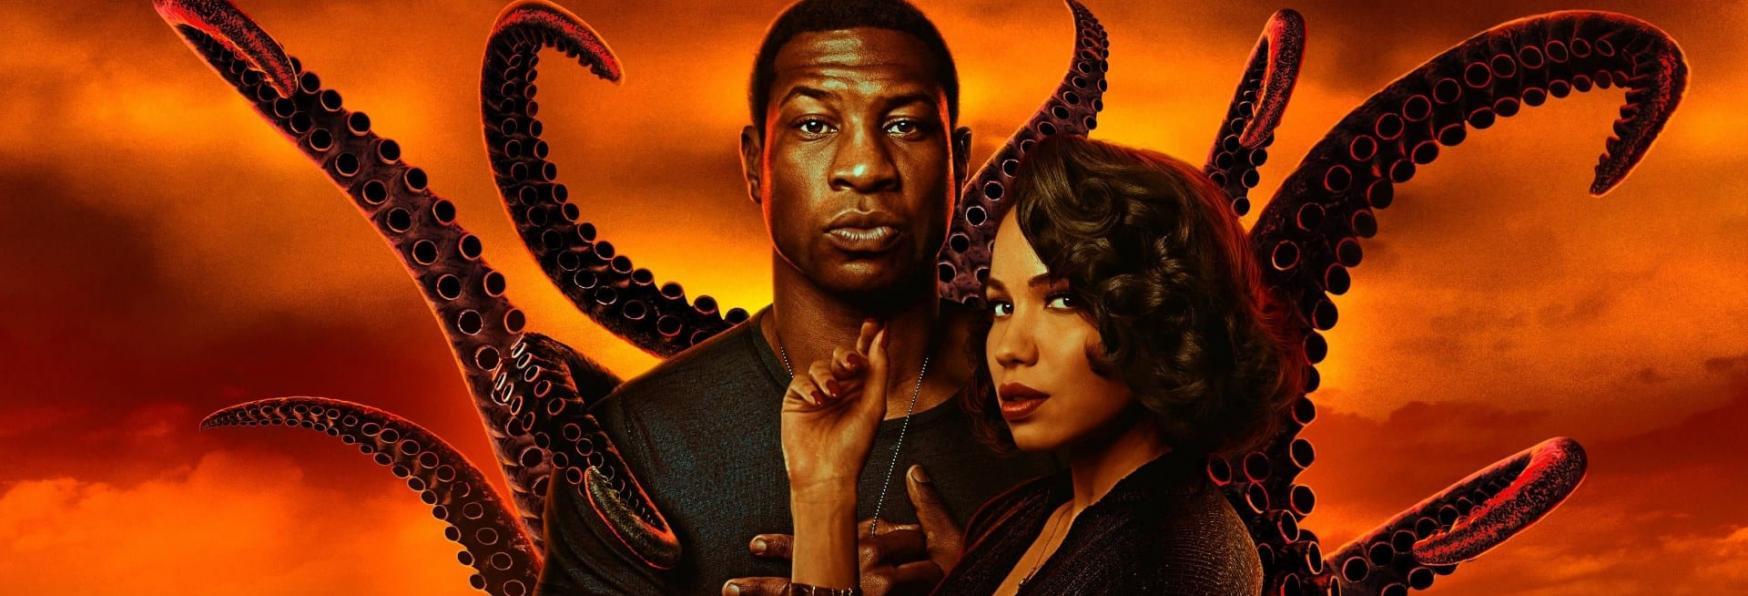 Lovecraft Country 2 non ci sarà! HBO Cancella la Serie TV dopo solo una Stagione